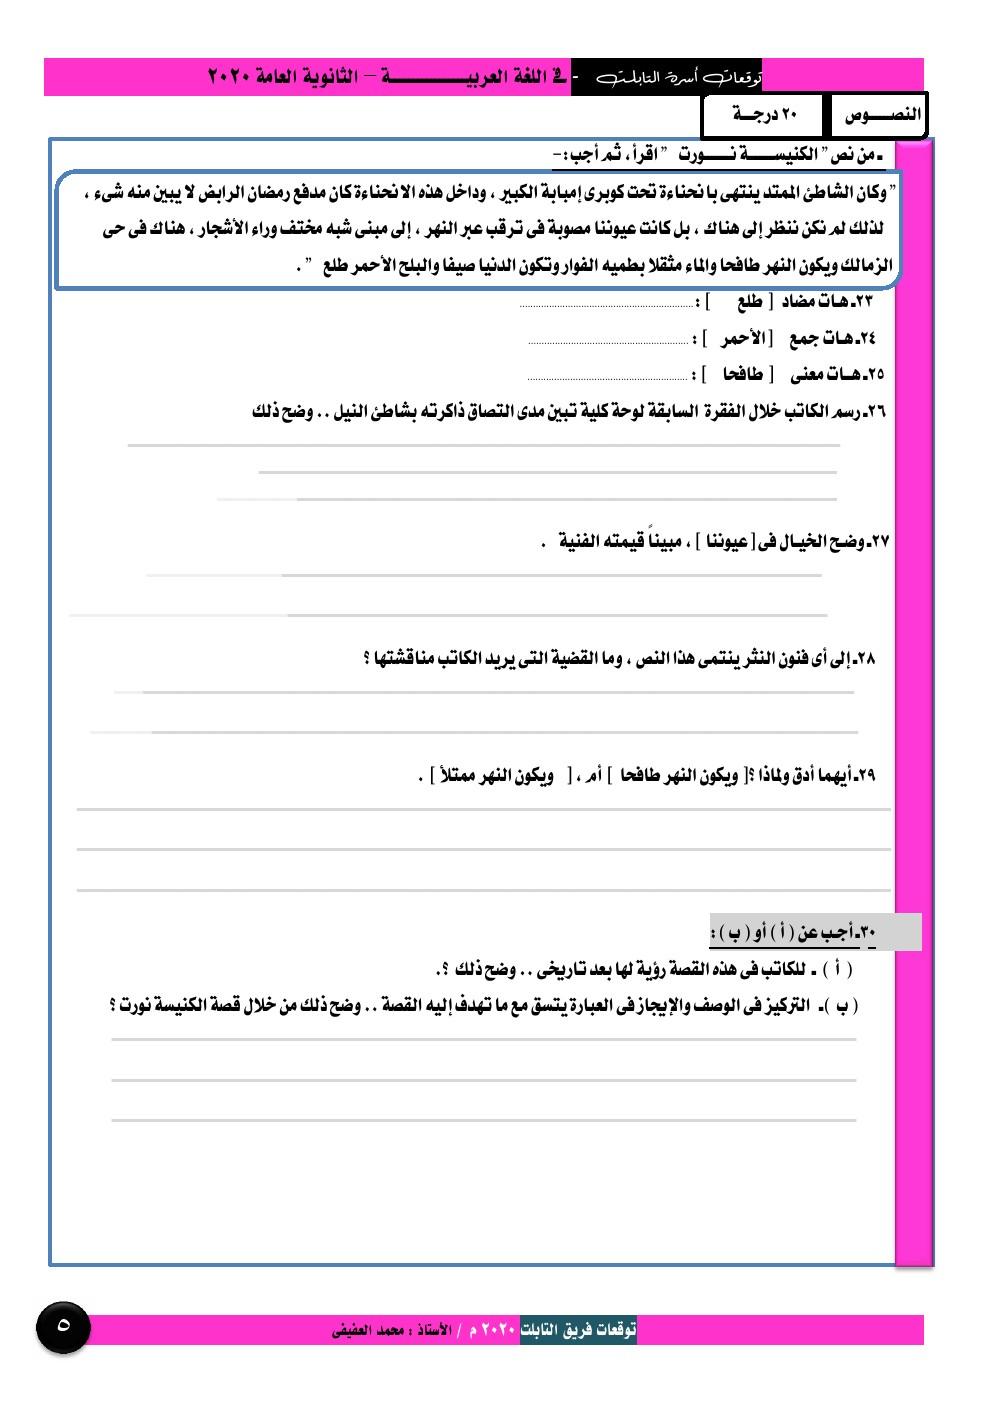 نماذج بوكليت لغة عربية متوقعة للصف الثالث الثانوى 2020 أ/ محمد العفيفي 5